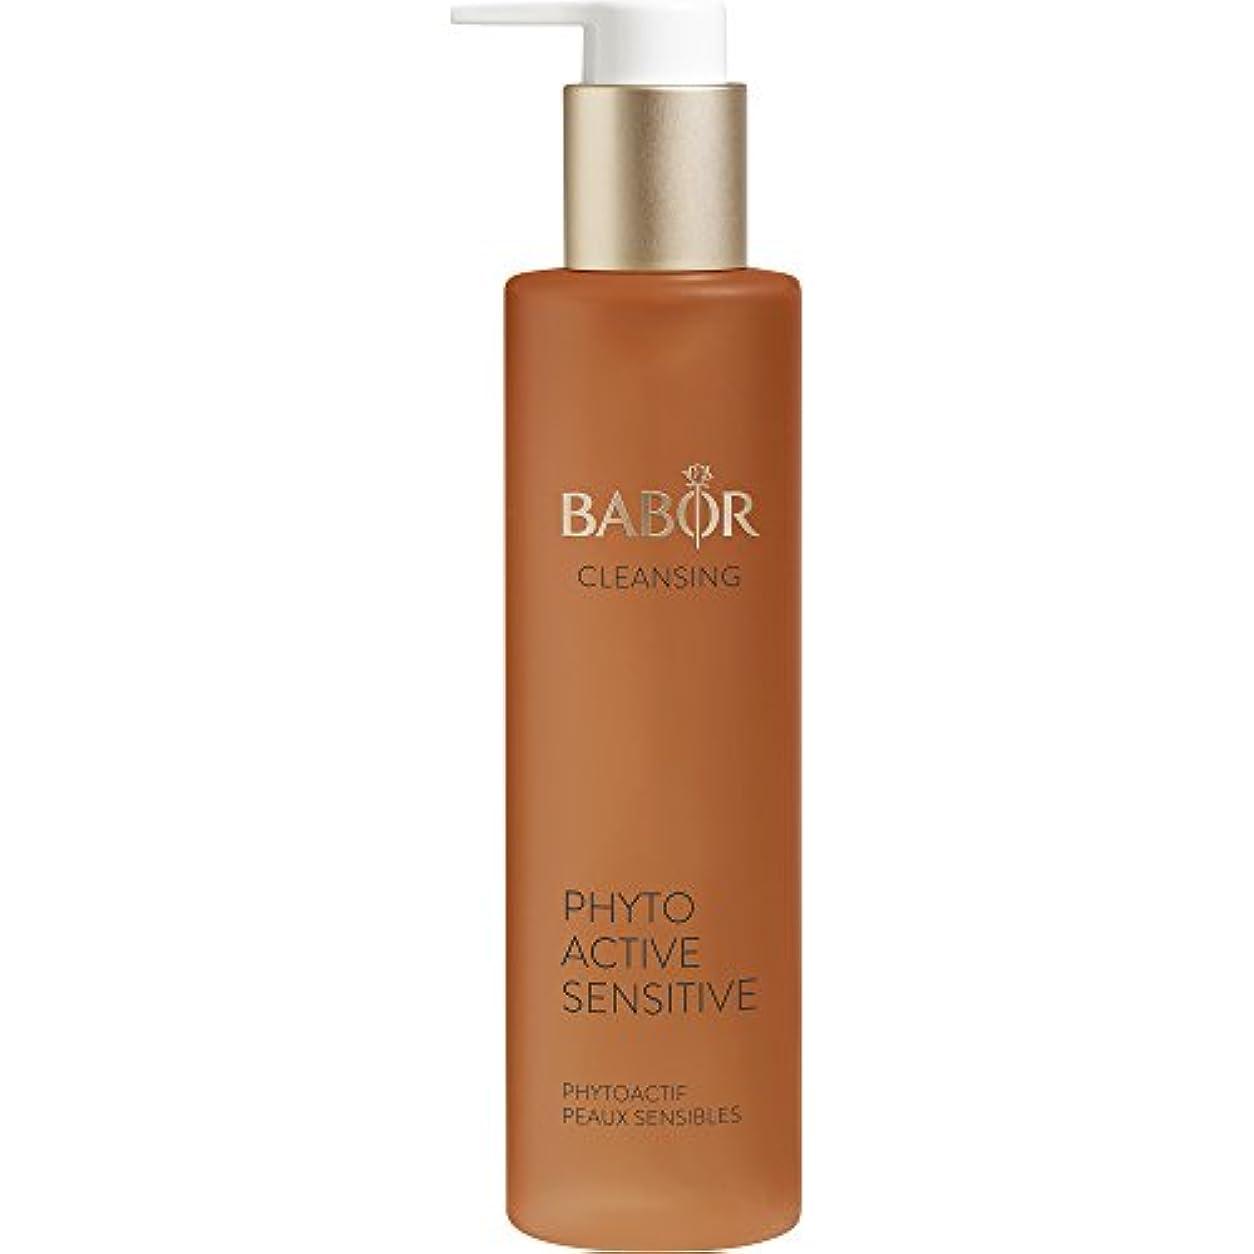 廃止不毛の宣言バボール CLEANSING Phytoactive Sensitive -For Sensitive Skin 100ml/3.8oz並行輸入品